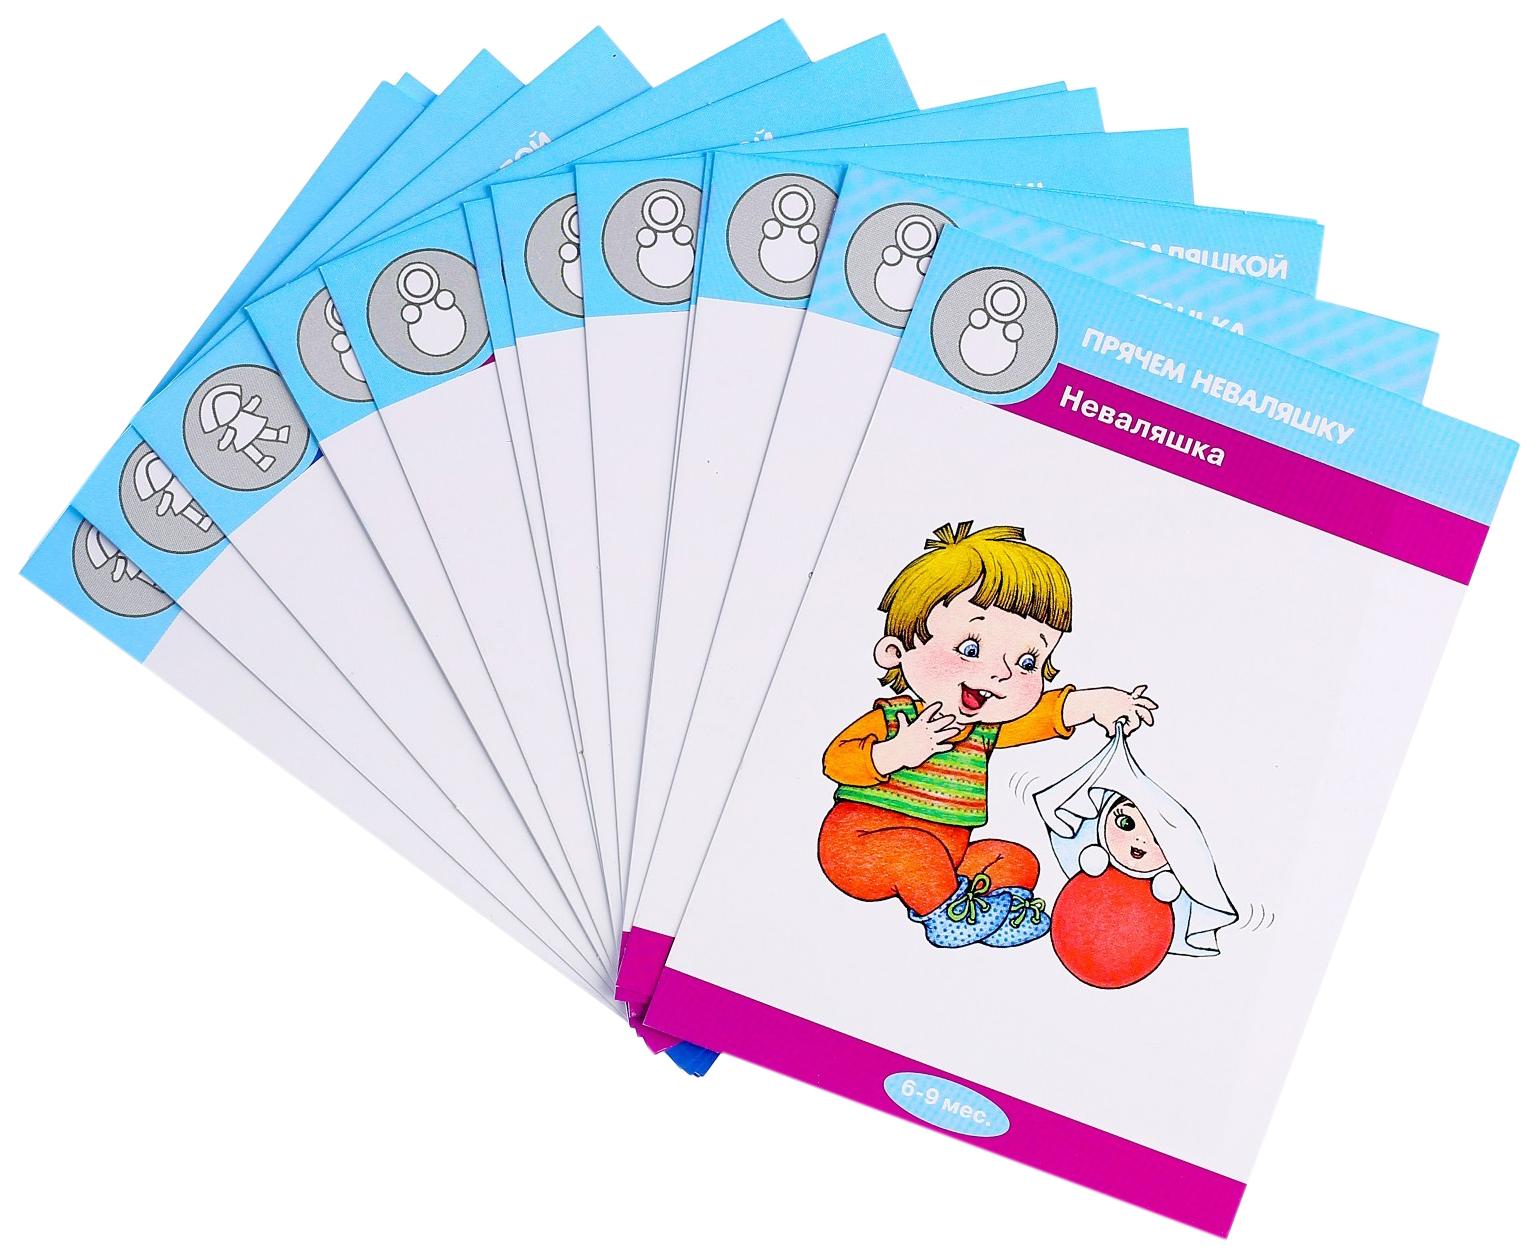 Купить Набор карточек Неваляшка, как с ними играть 32 шт. Ника, Дидактические игры